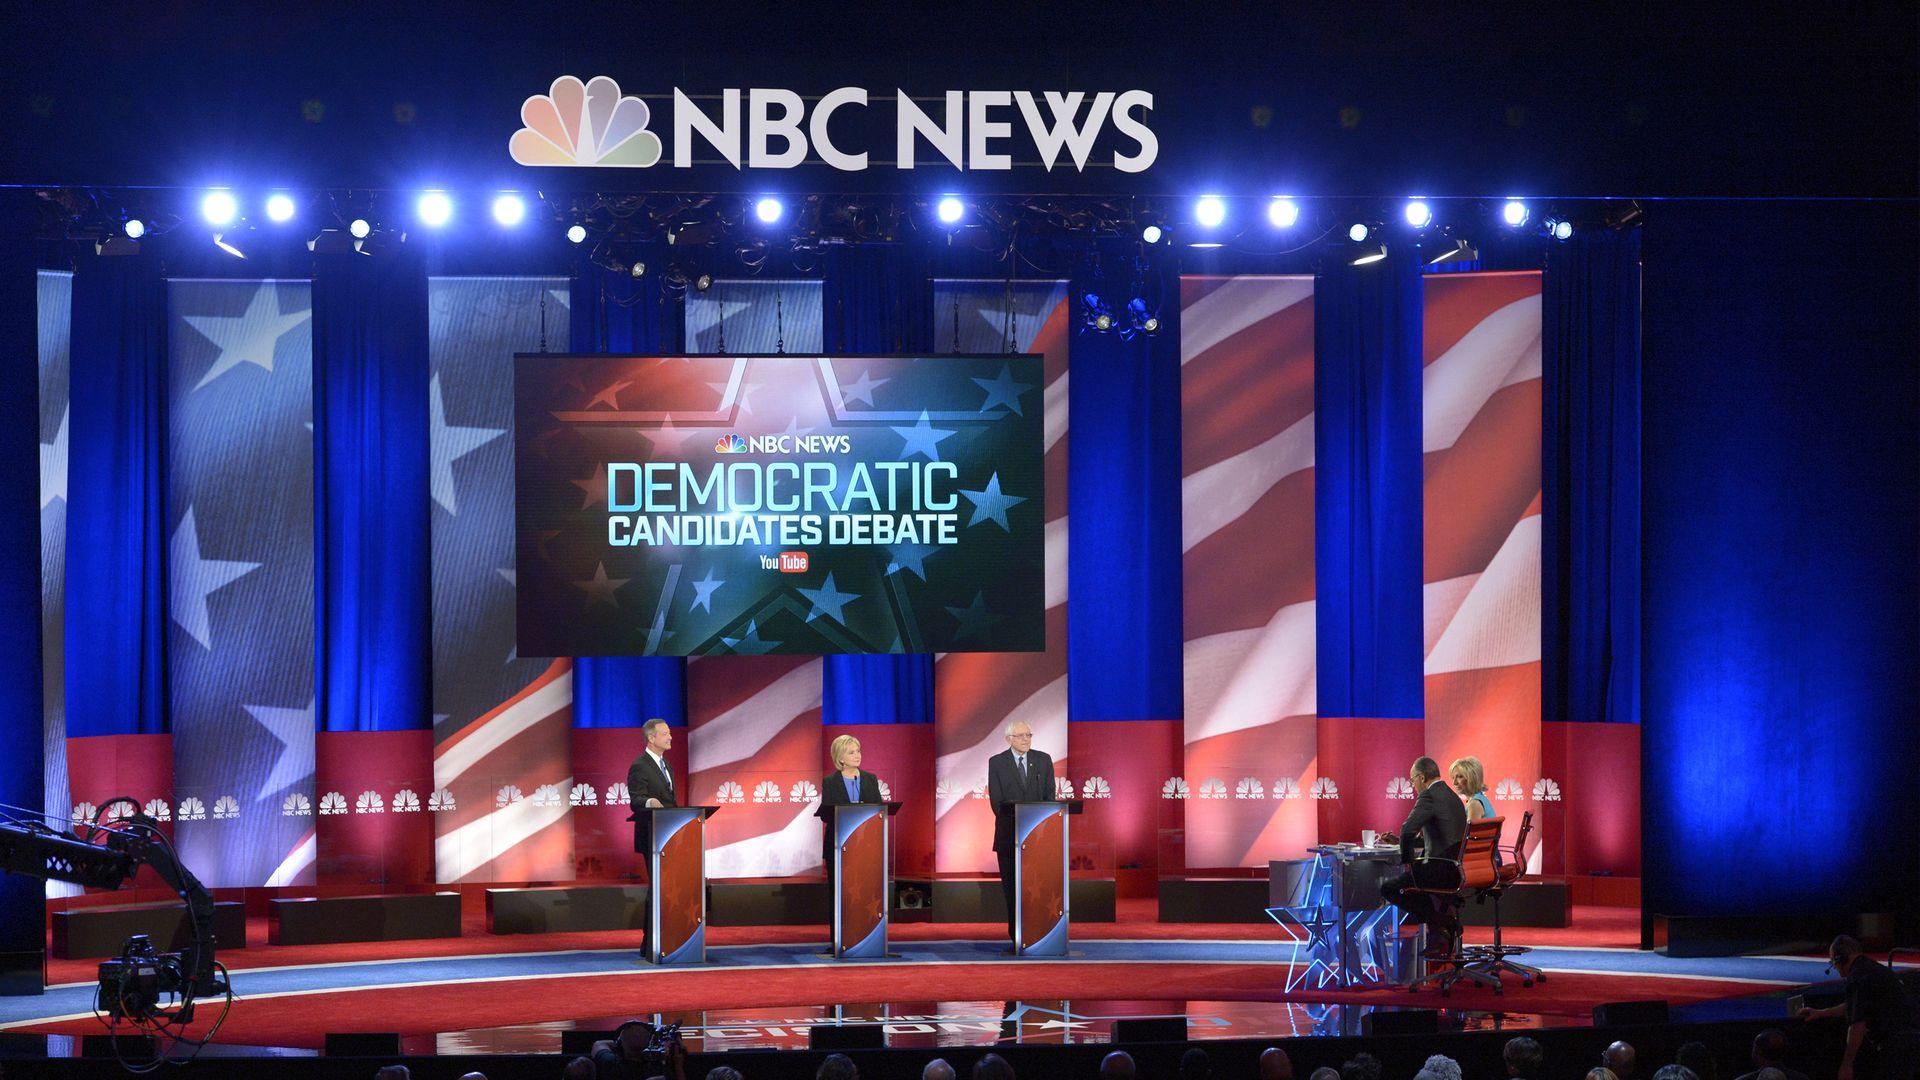 The 2016 Democratic presidential debate